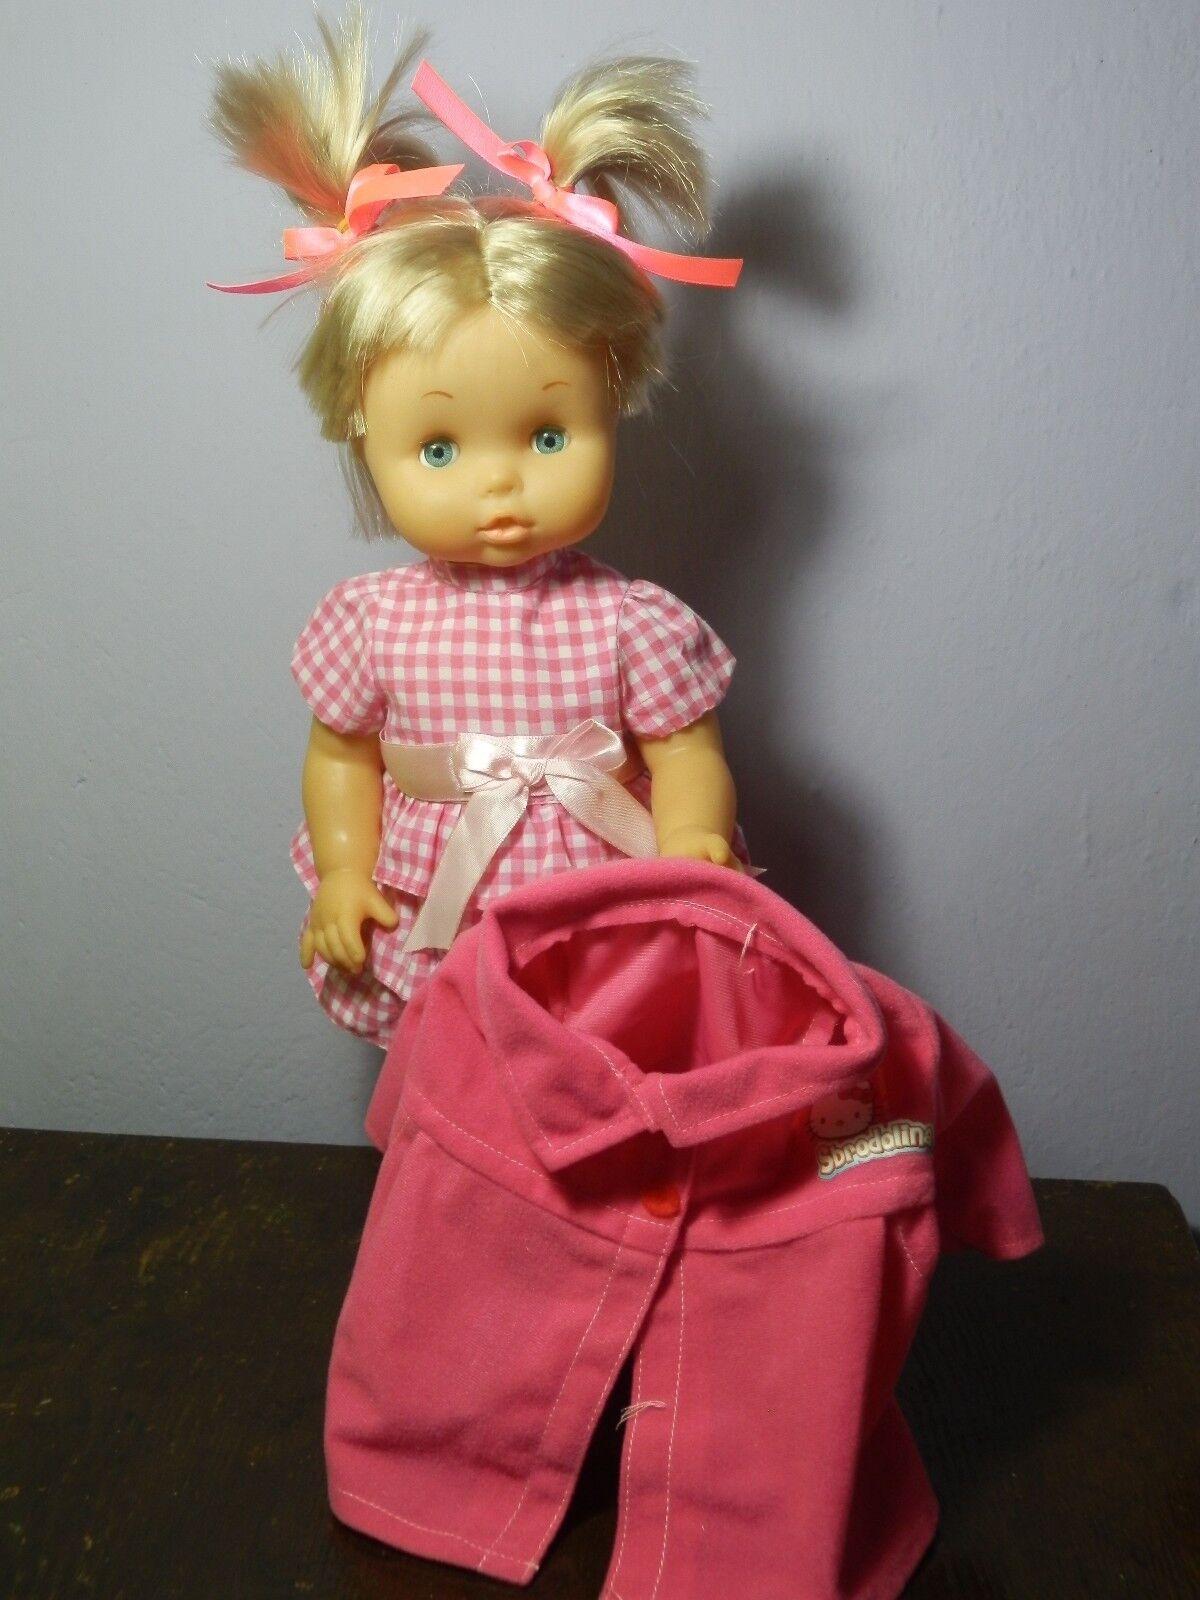 Sbrodolina anni 80/90 Bambola + Cappottino originale Doll Poupee Puppen  Vintage